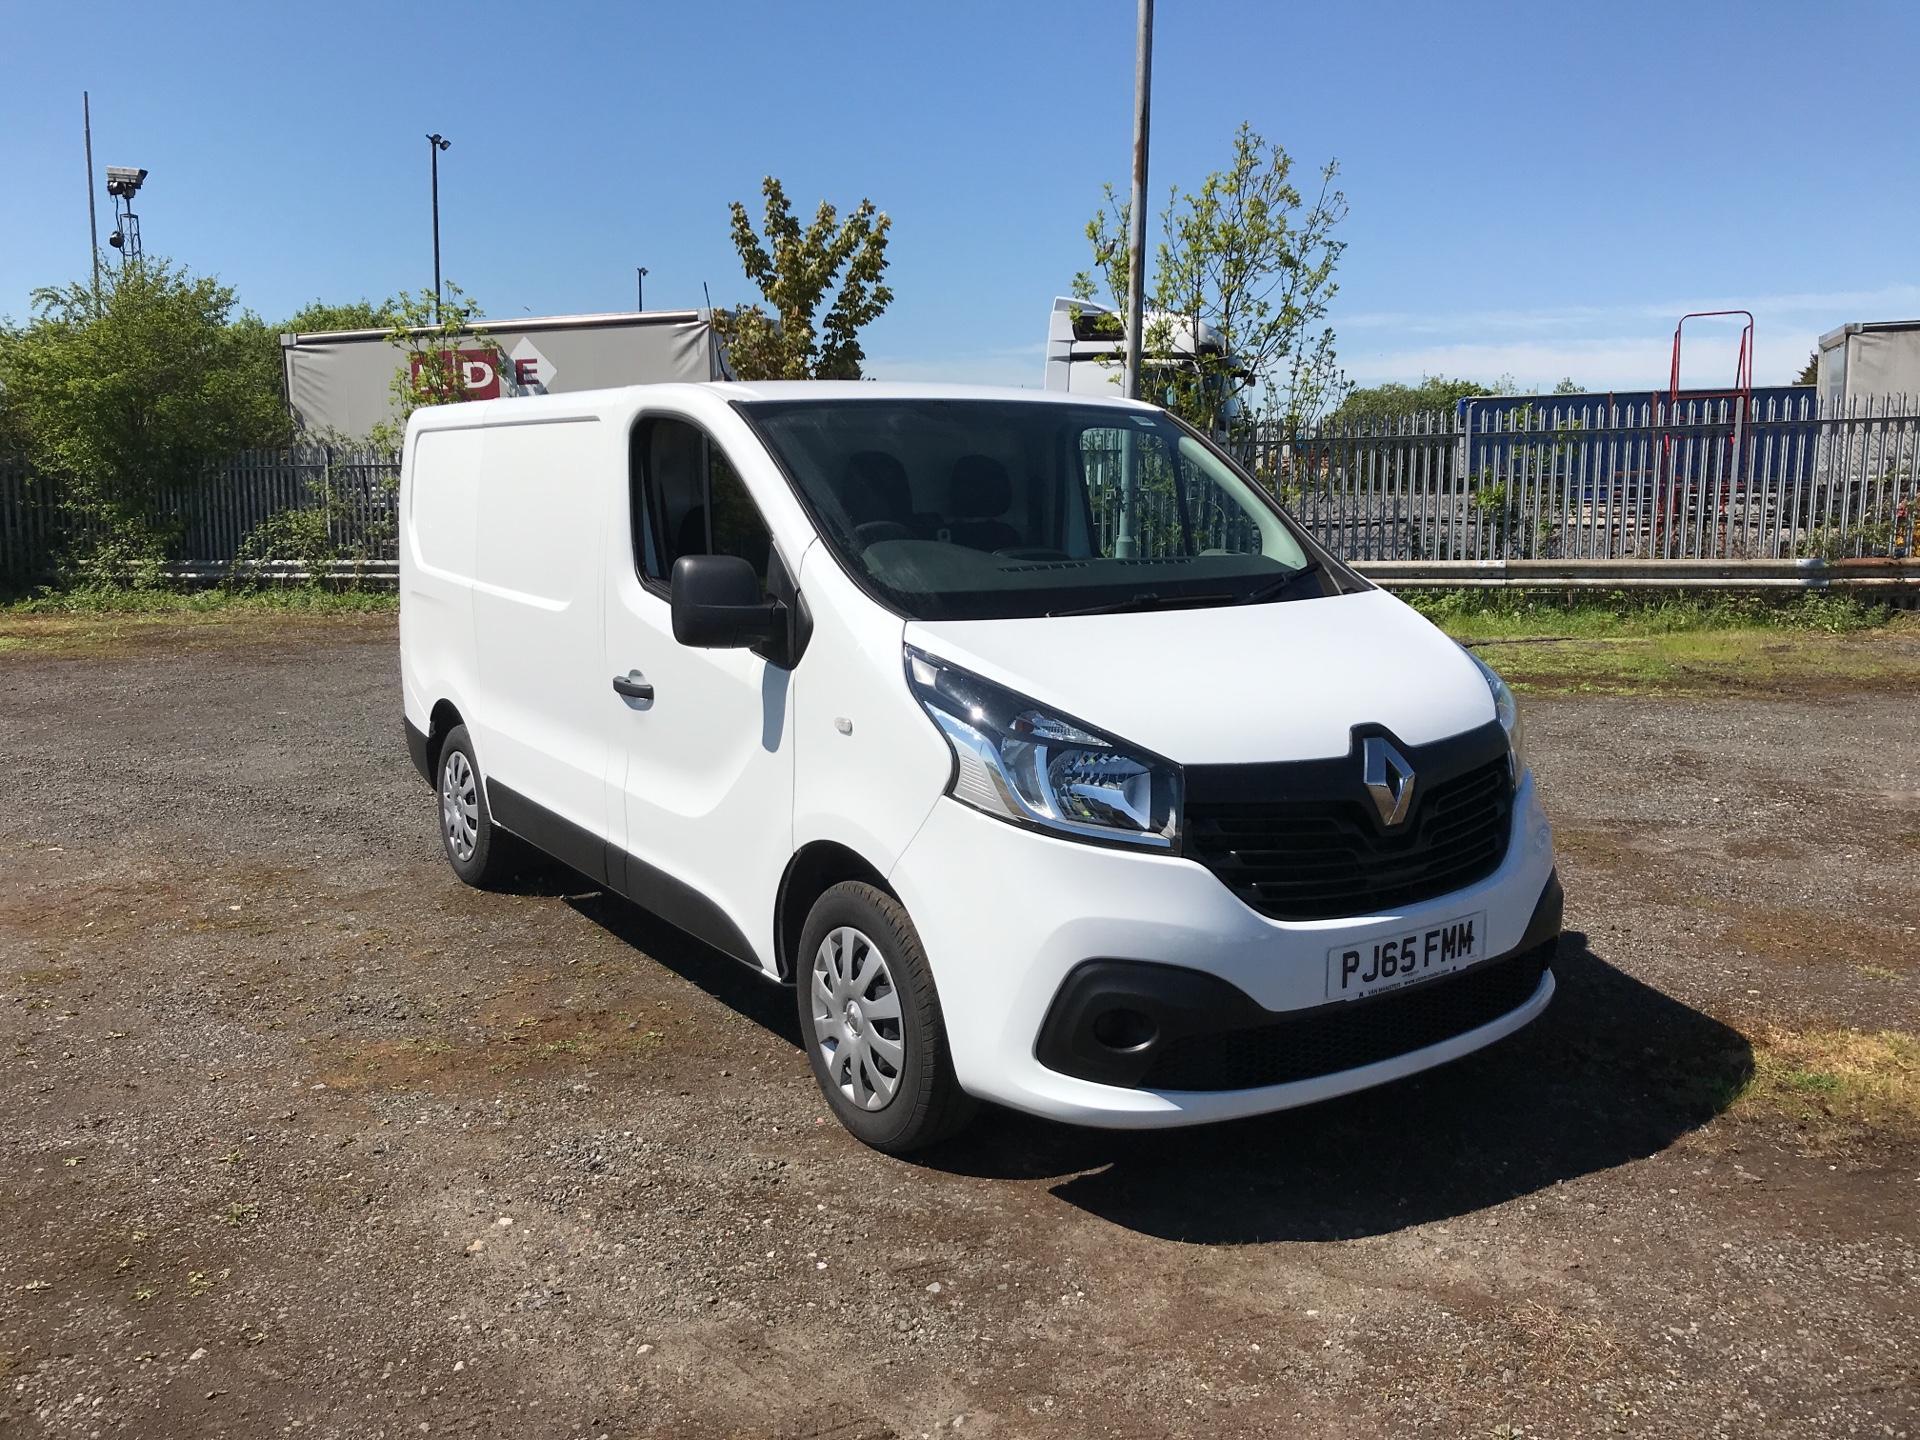 2015 Renault Trafic SL27 DCI BUSINESS+ VAN 115 (PJ65FMM)